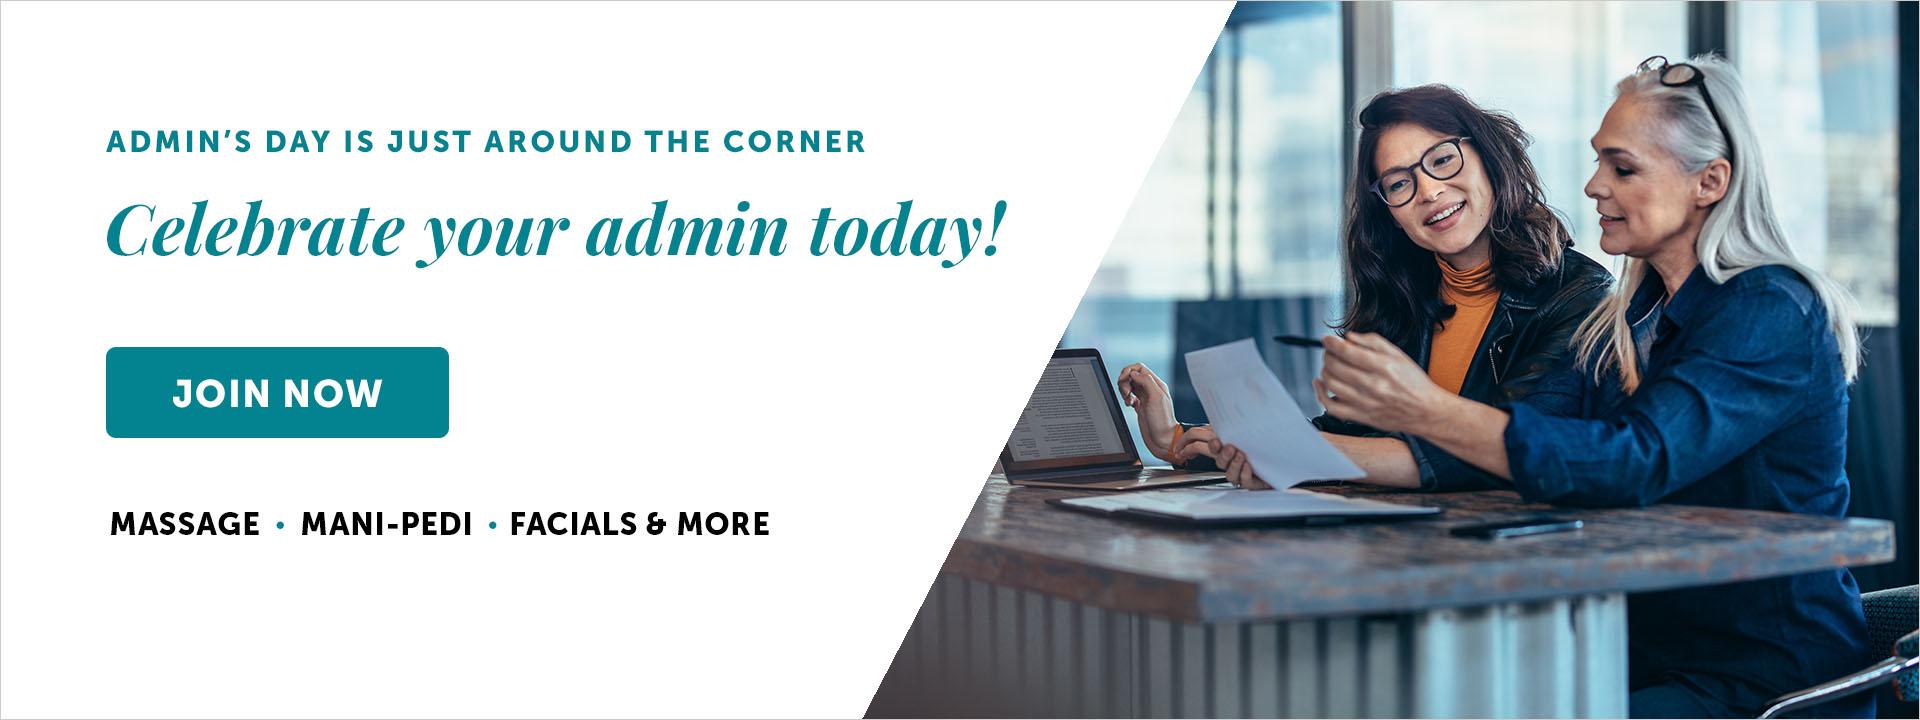 Spafinder Admin's Day